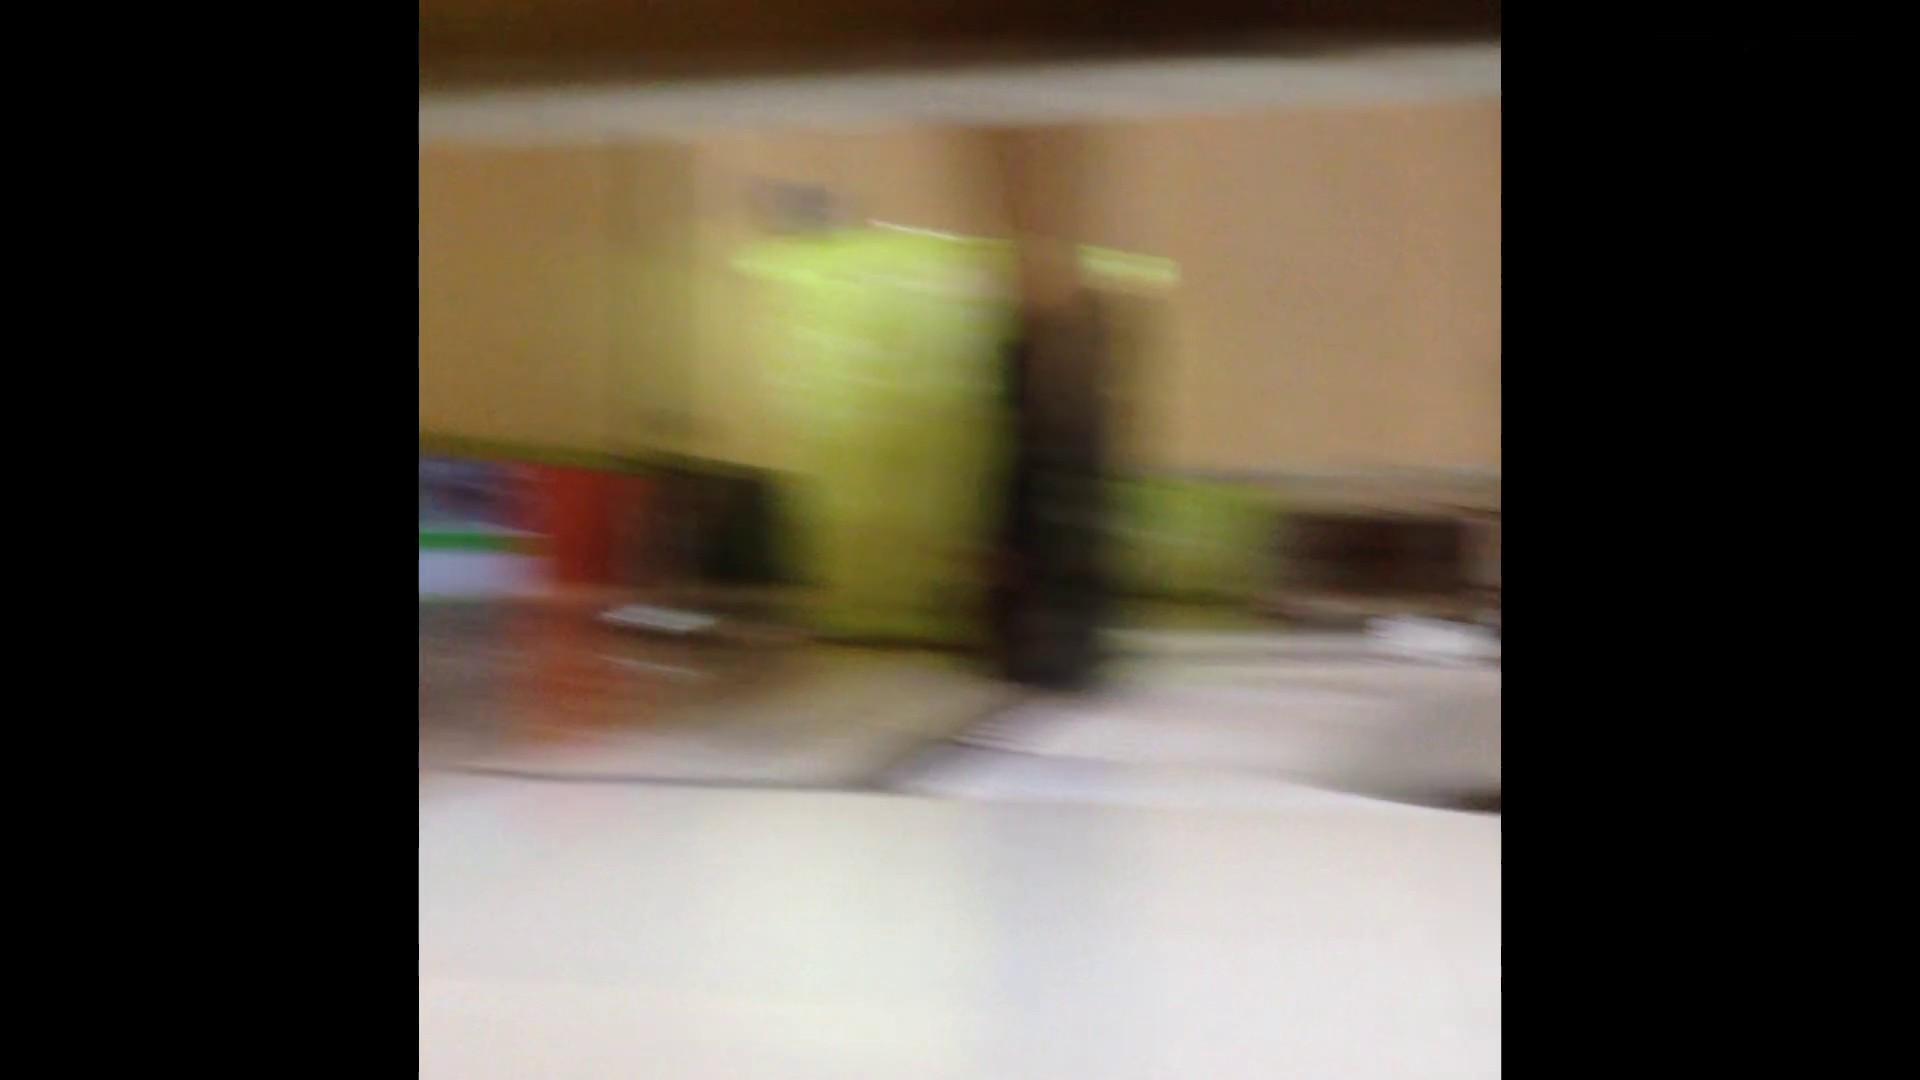 芸術大学ガチ潜入盗撮 JD盗撮 美女の洗面所の秘密 Vol.86 OLハメ撮り  58Pix 15